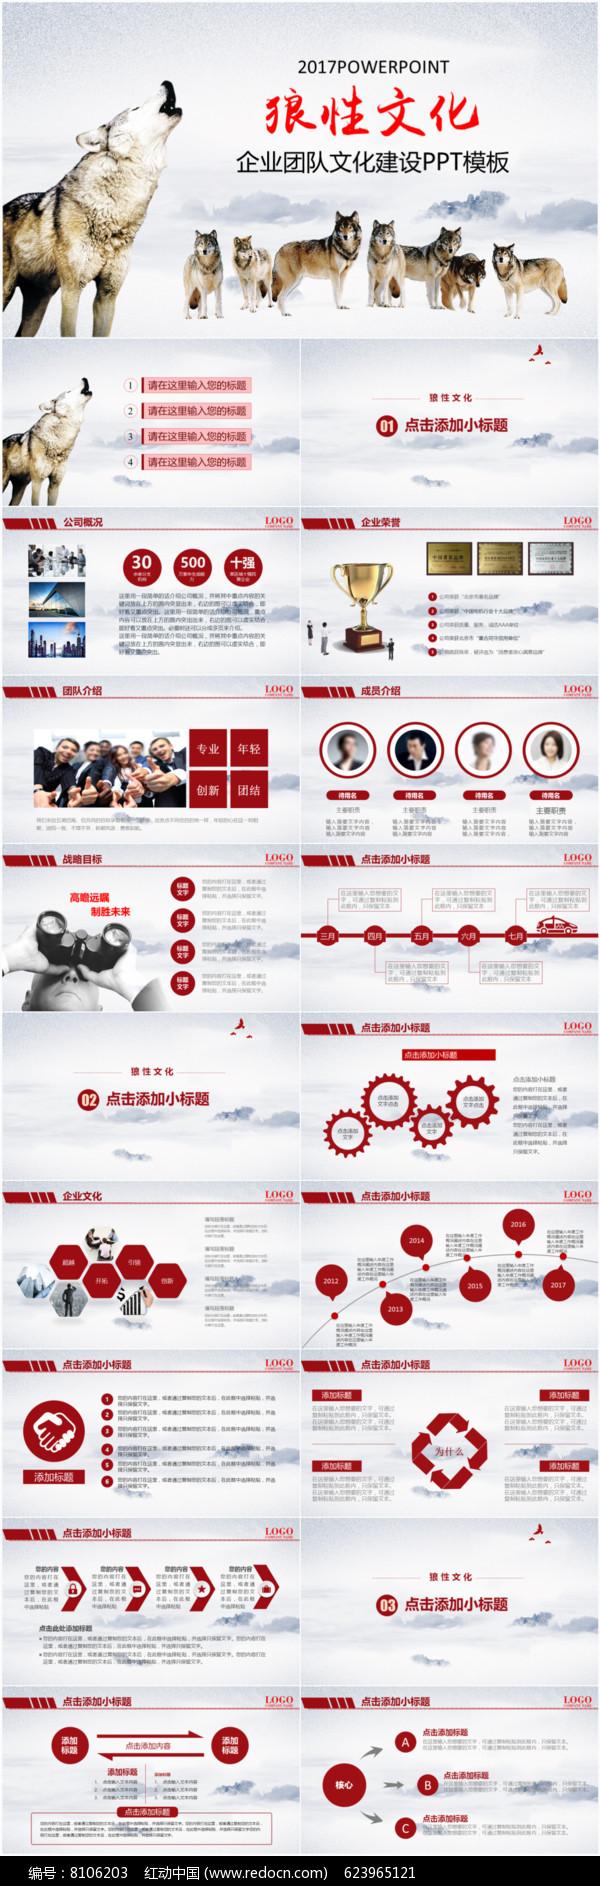 狼性文化企业团队文化建设PPT模板图片